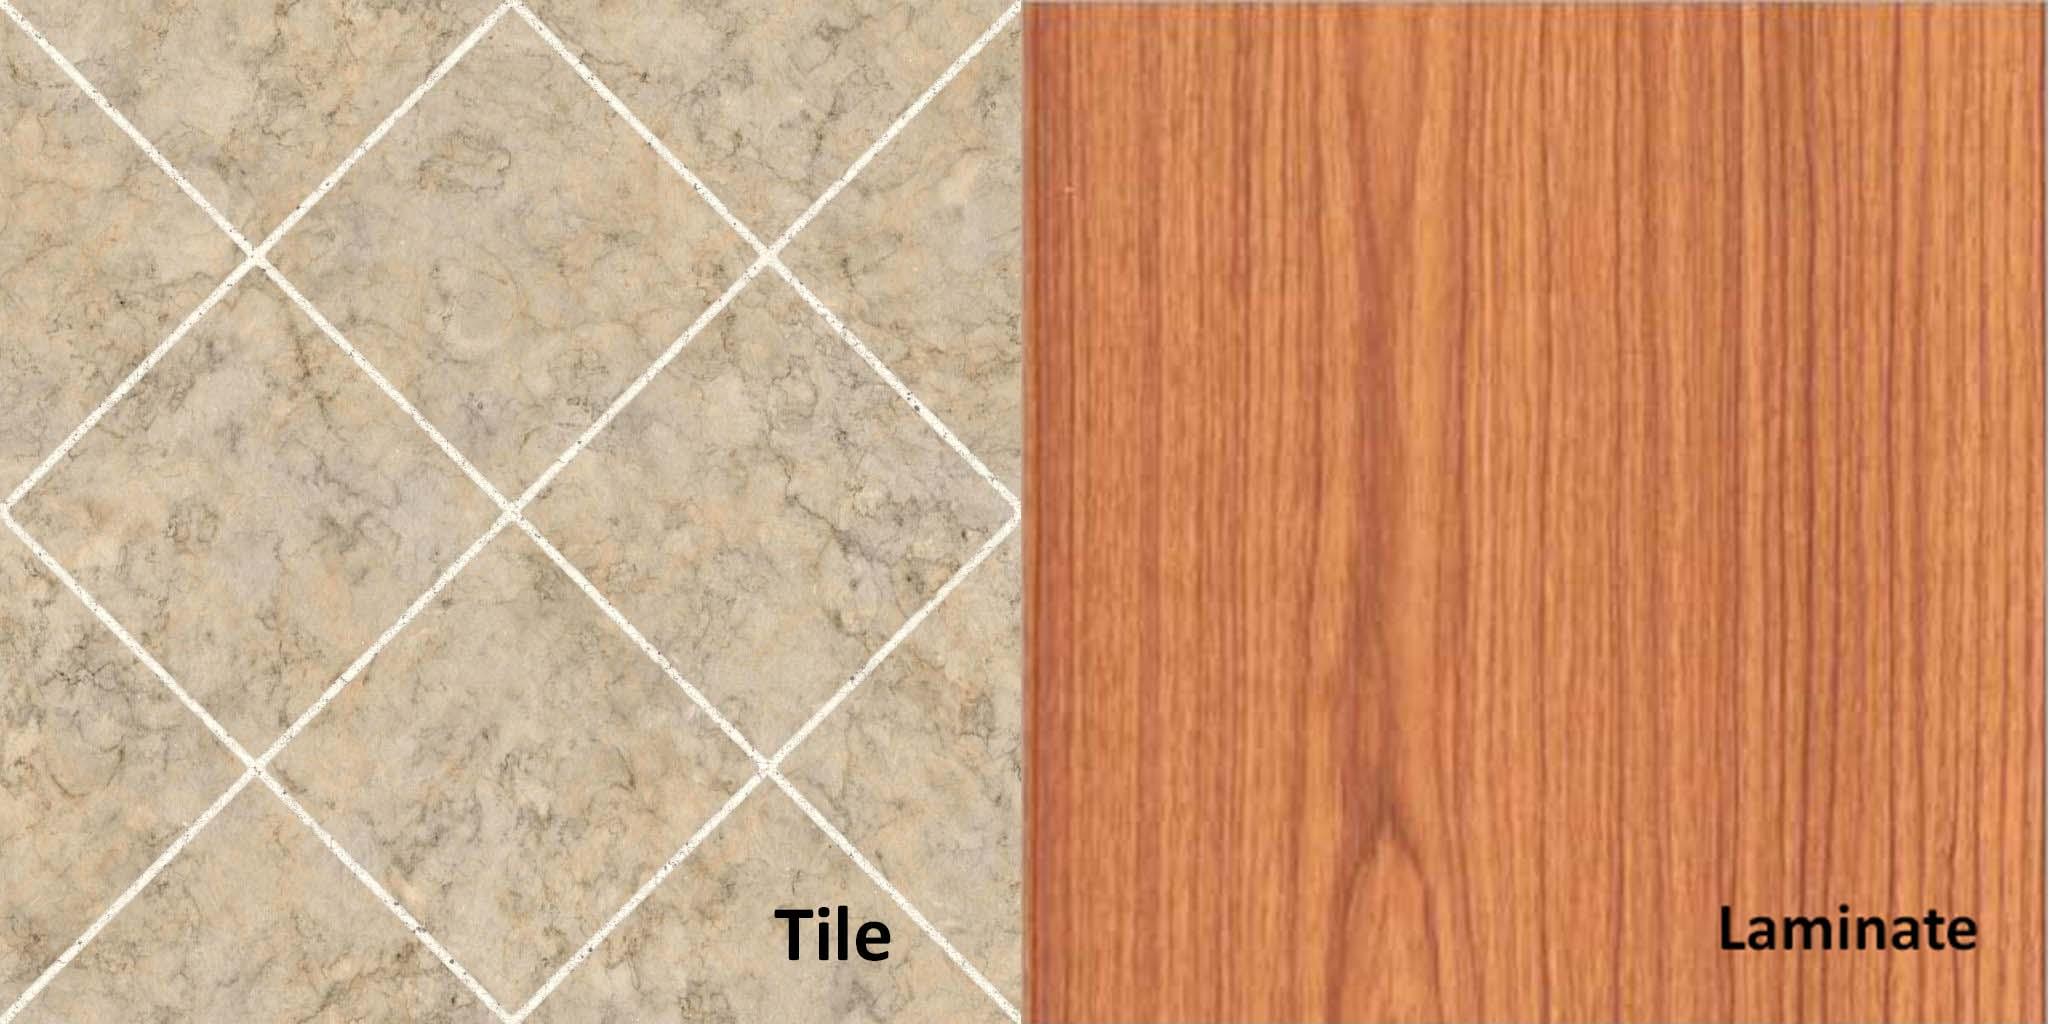 Tile vs laminate flooring